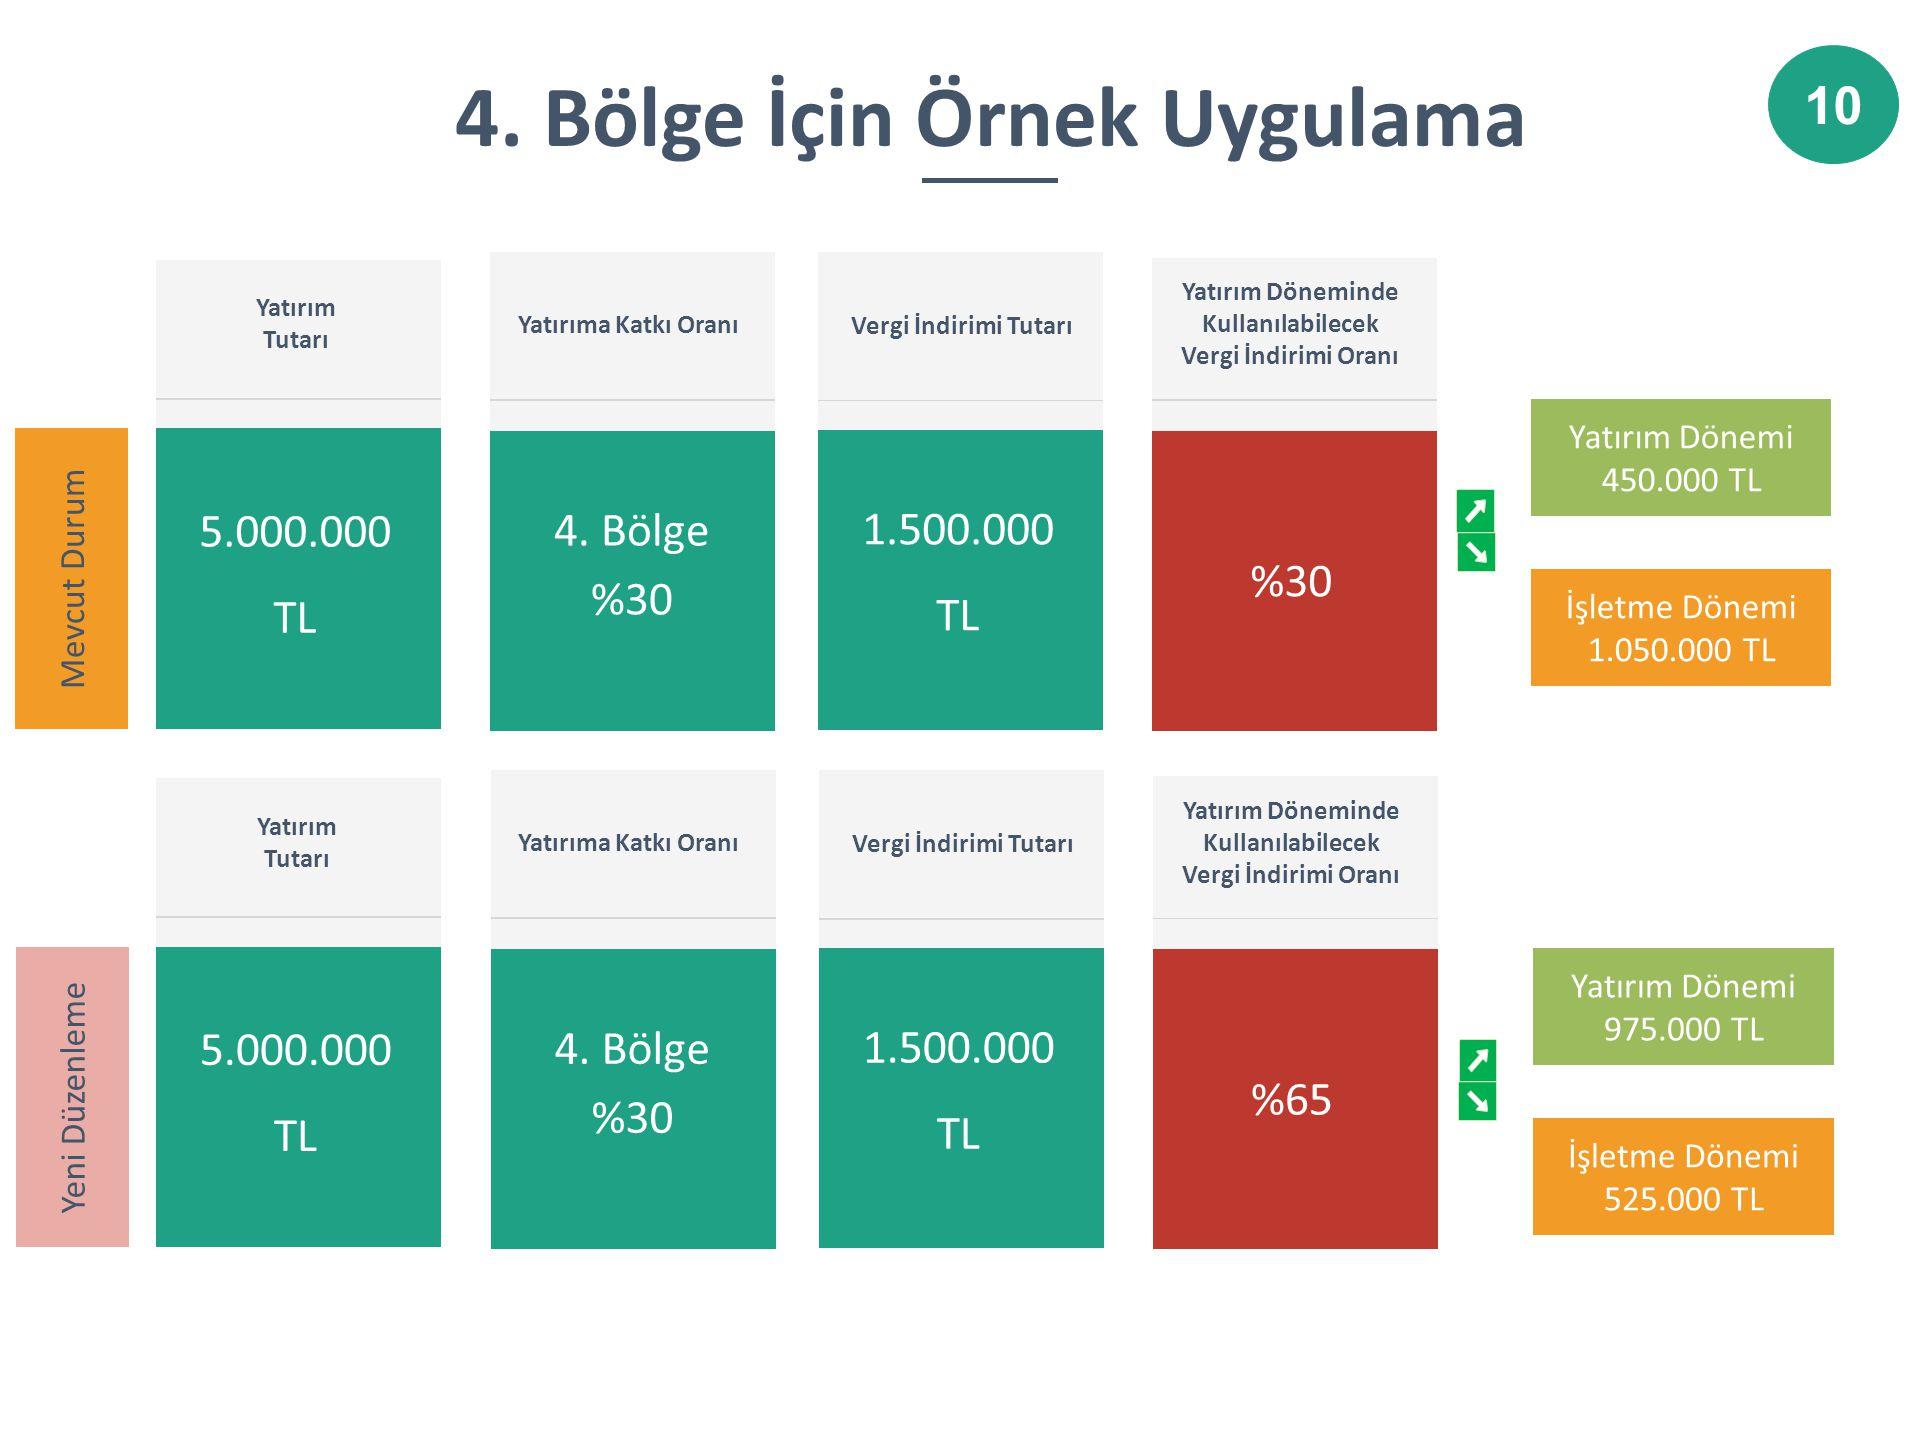 5 Yatırım Dönemi 450.000 TL İşletme Dönemi 1.050.000 TL 4. Bölge İçin Örnek Uygulama Yatırım Tutarı 5.000.000 TL Yatırıma Katkı Oranı Vergi İndirimi T